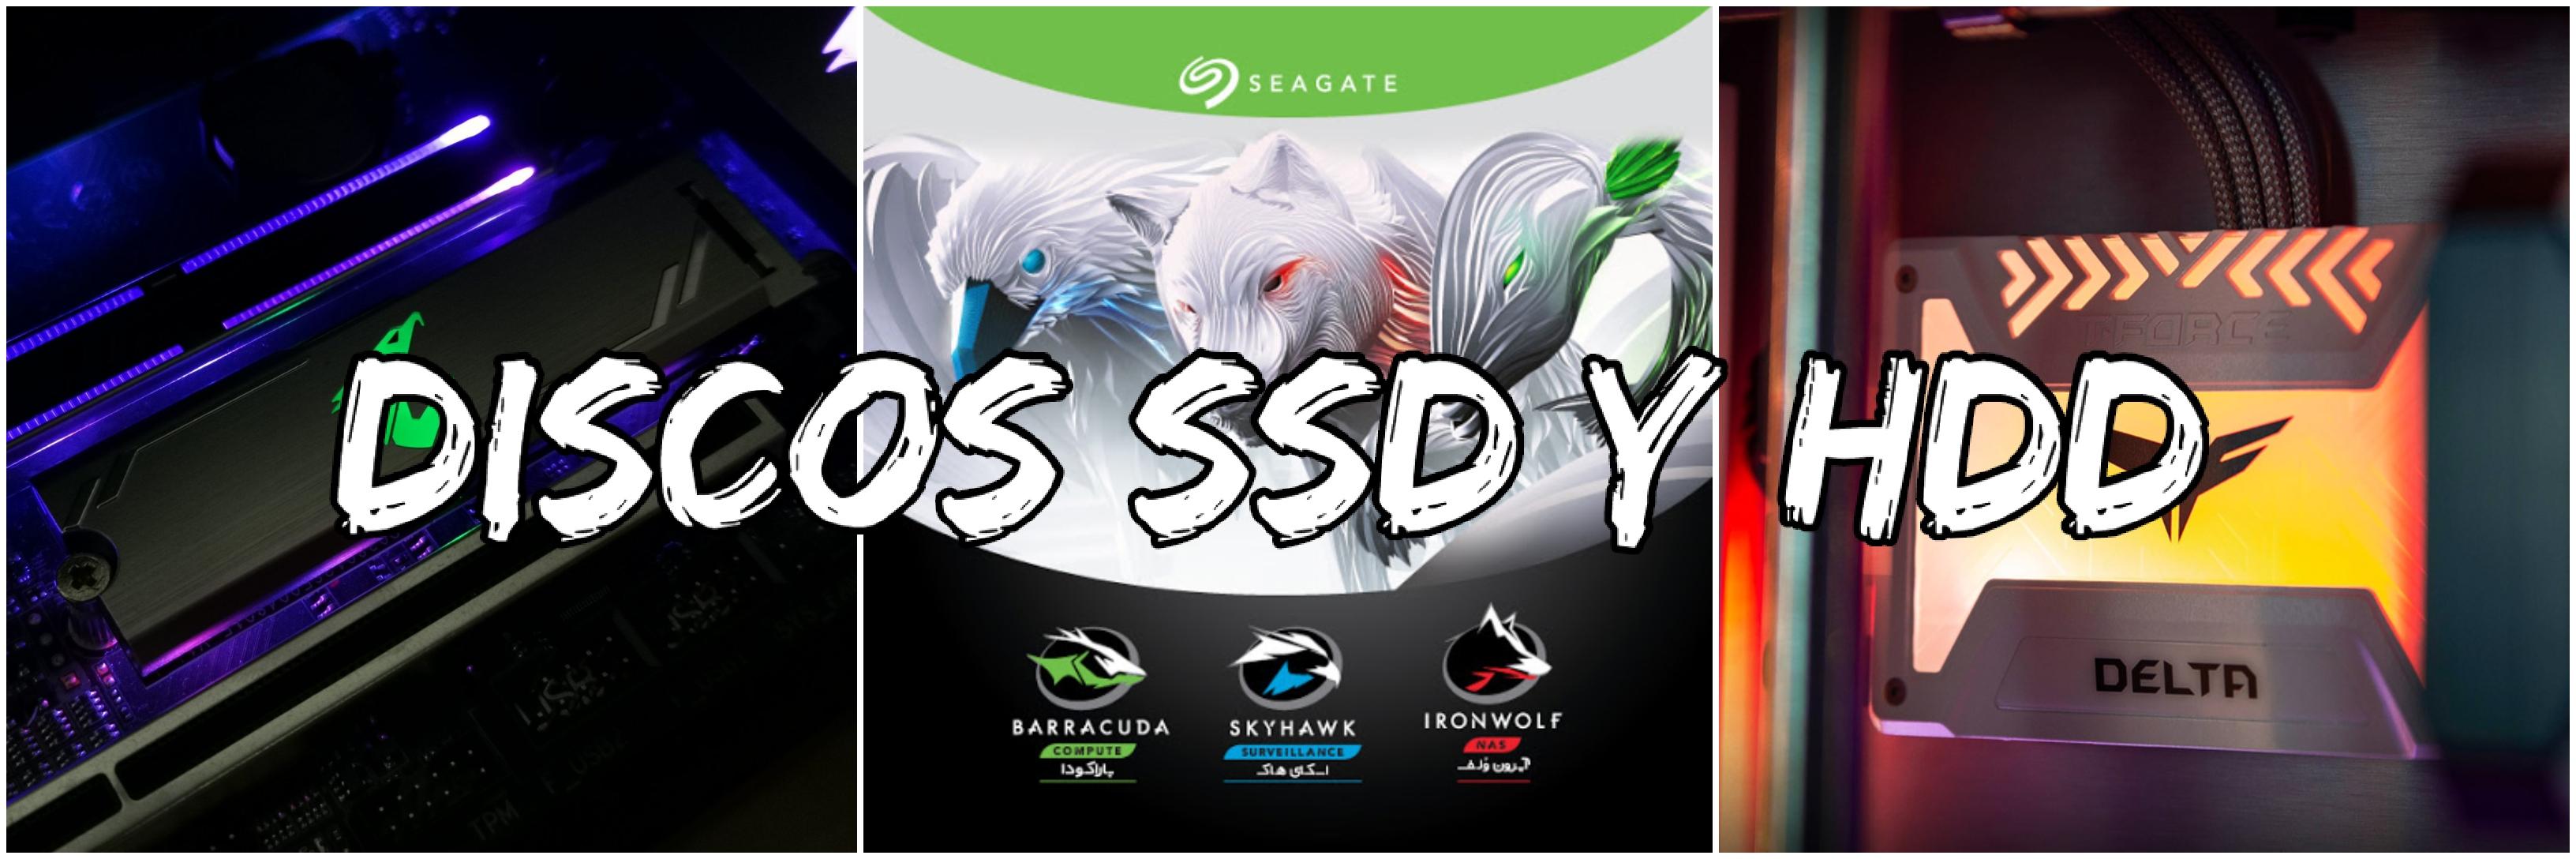 ▶ DISCOS SSD Y HDD